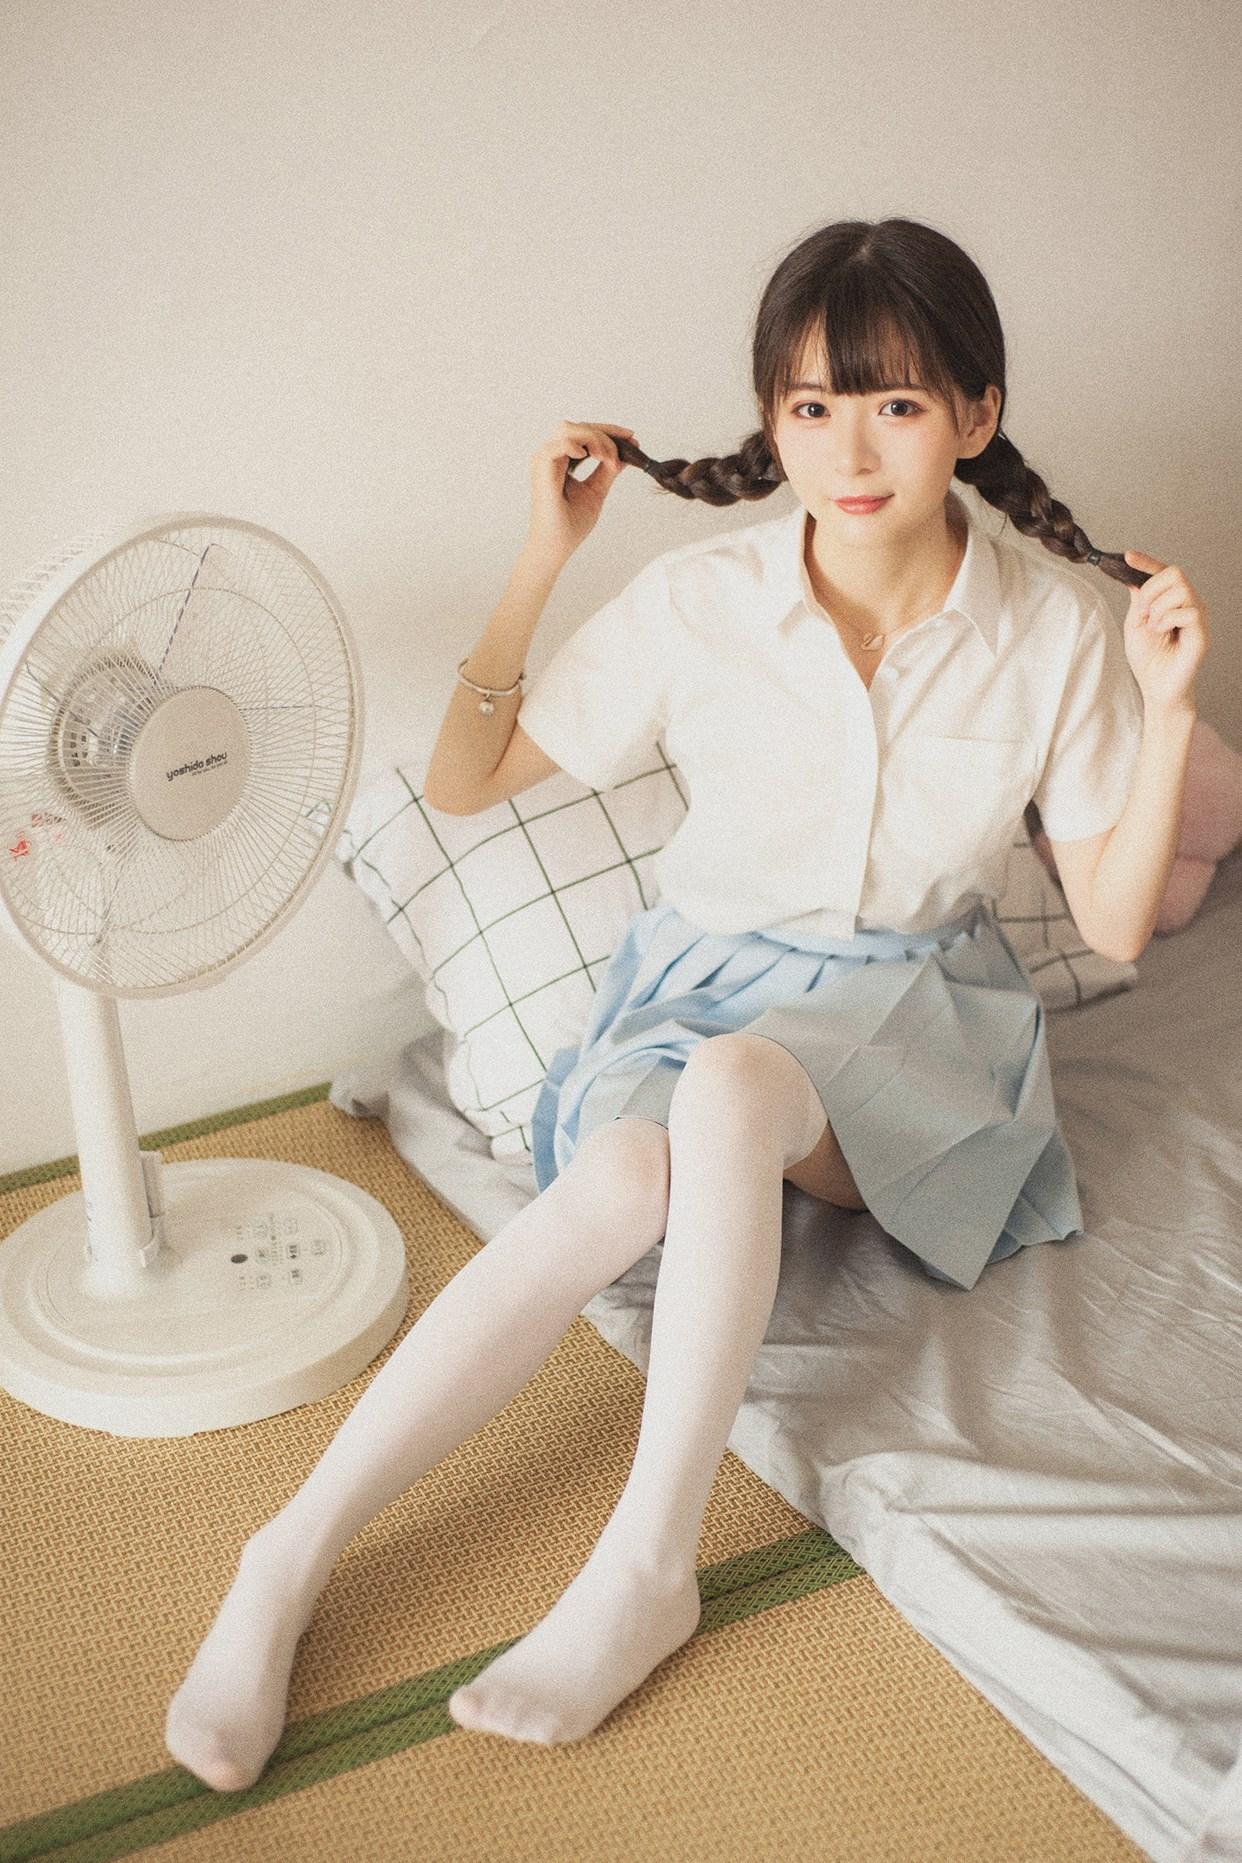 【兔玩映画】夏天的小裙子 兔玩映画 第13张